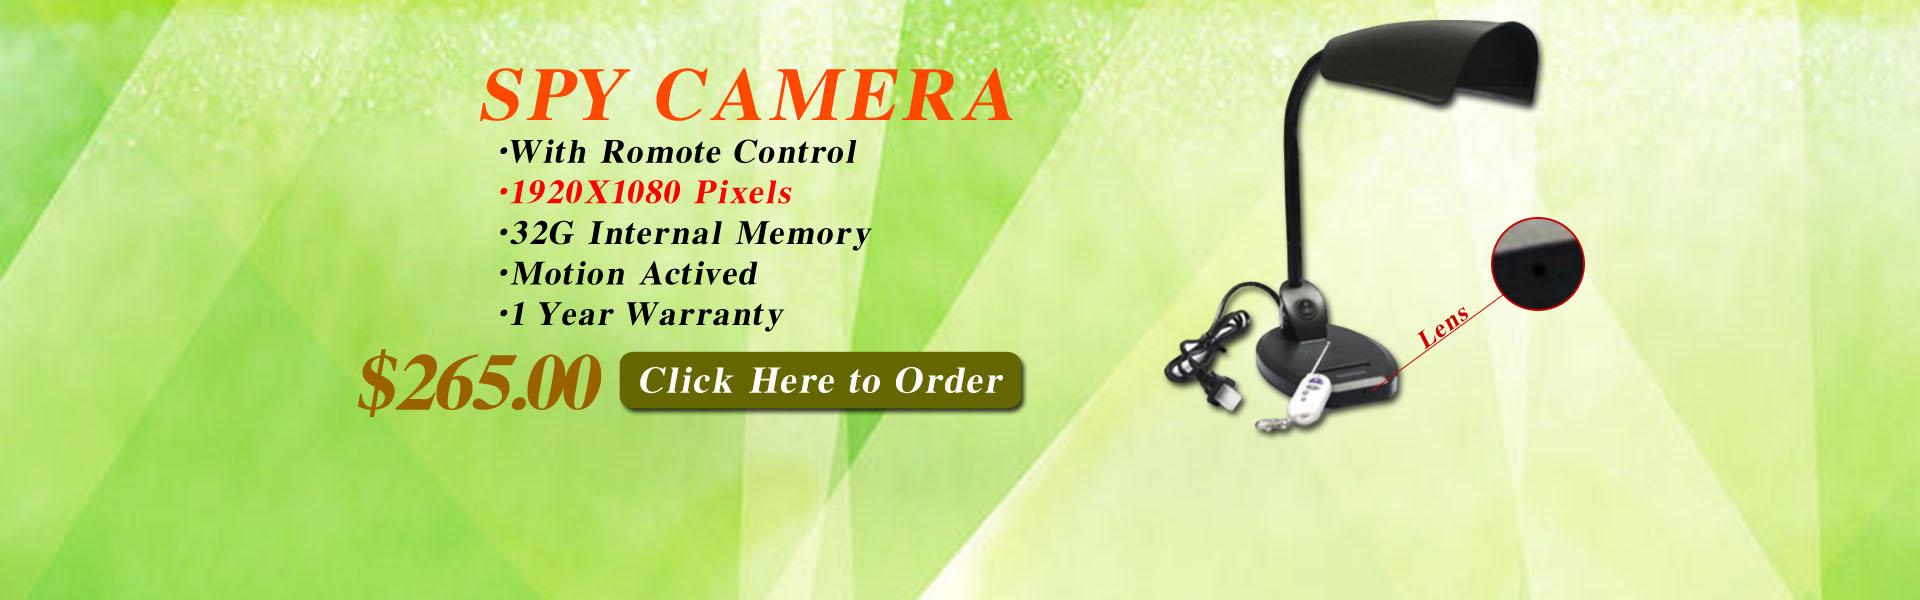 Light Spy Camera 1080P HD Spy DVR Pinhole Spy Camera 32GB Internal Memory